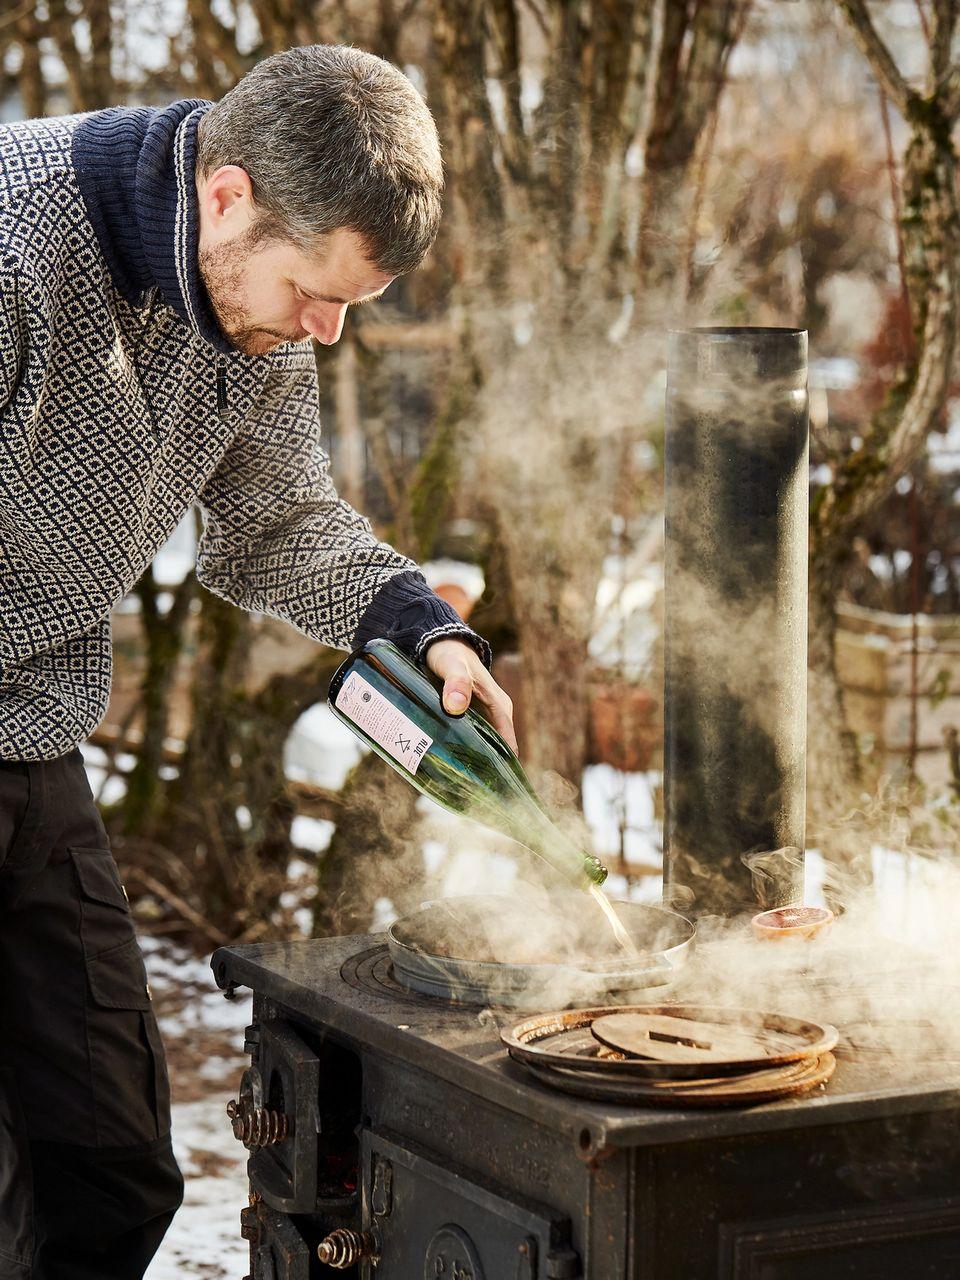 Trenger du et skikkelig matprosjekt? Prøv å lage rillettes med åpen ild